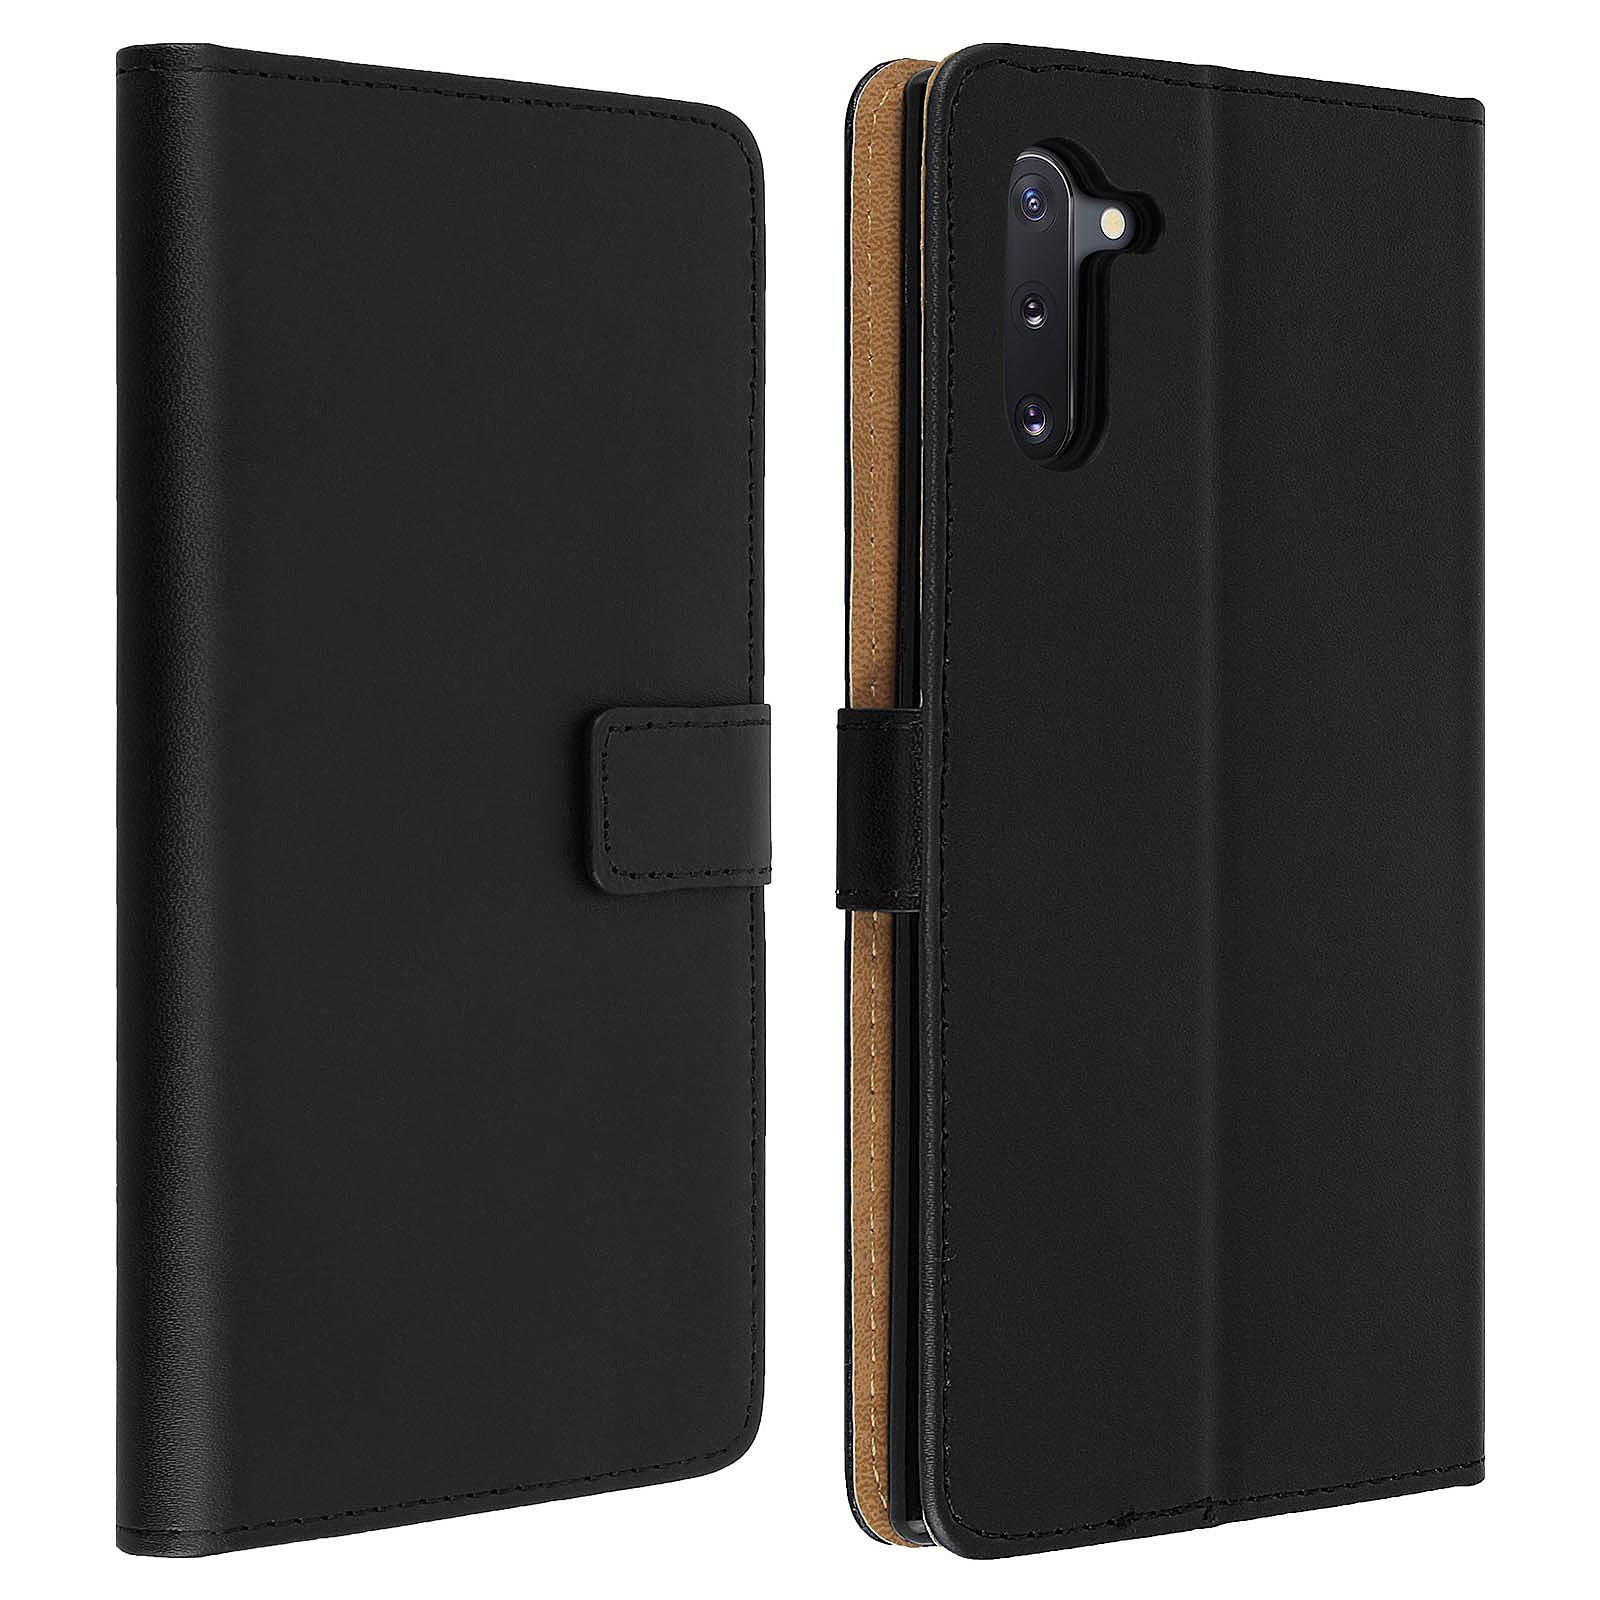 Avizar Etui folio Noir Cuir véritable pour Samsung Galaxy Note 10